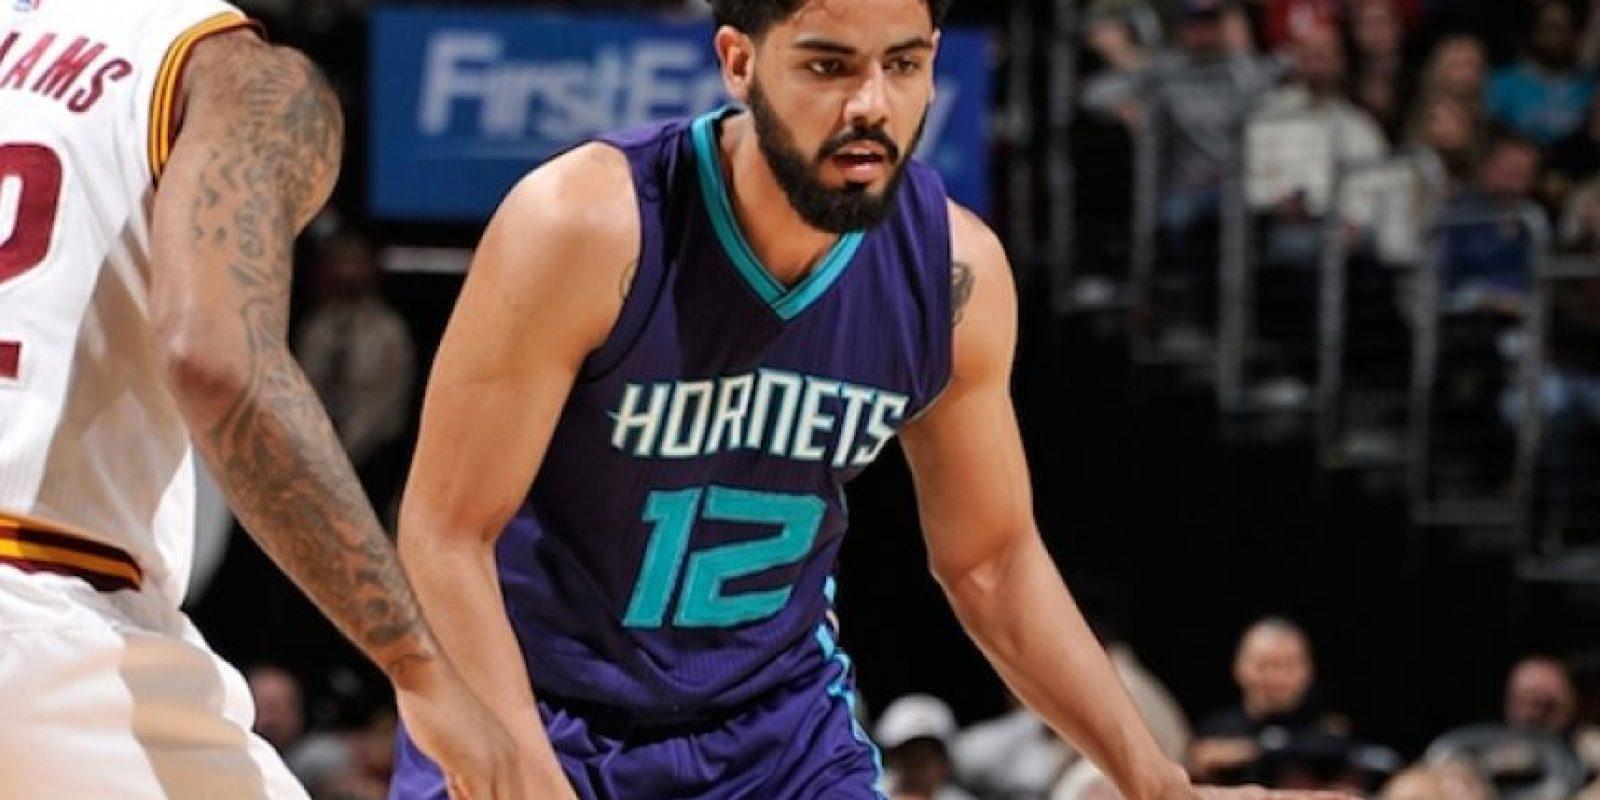 Gutiérrez volvió a ser llamado por un equipo NBA, esta vez los Hornets requirieron de sus servicios en la campaña 2015-16 y con el equipo disputó los playoffs aunque fueron eliminados en la primera ronda. Foto:Archivo